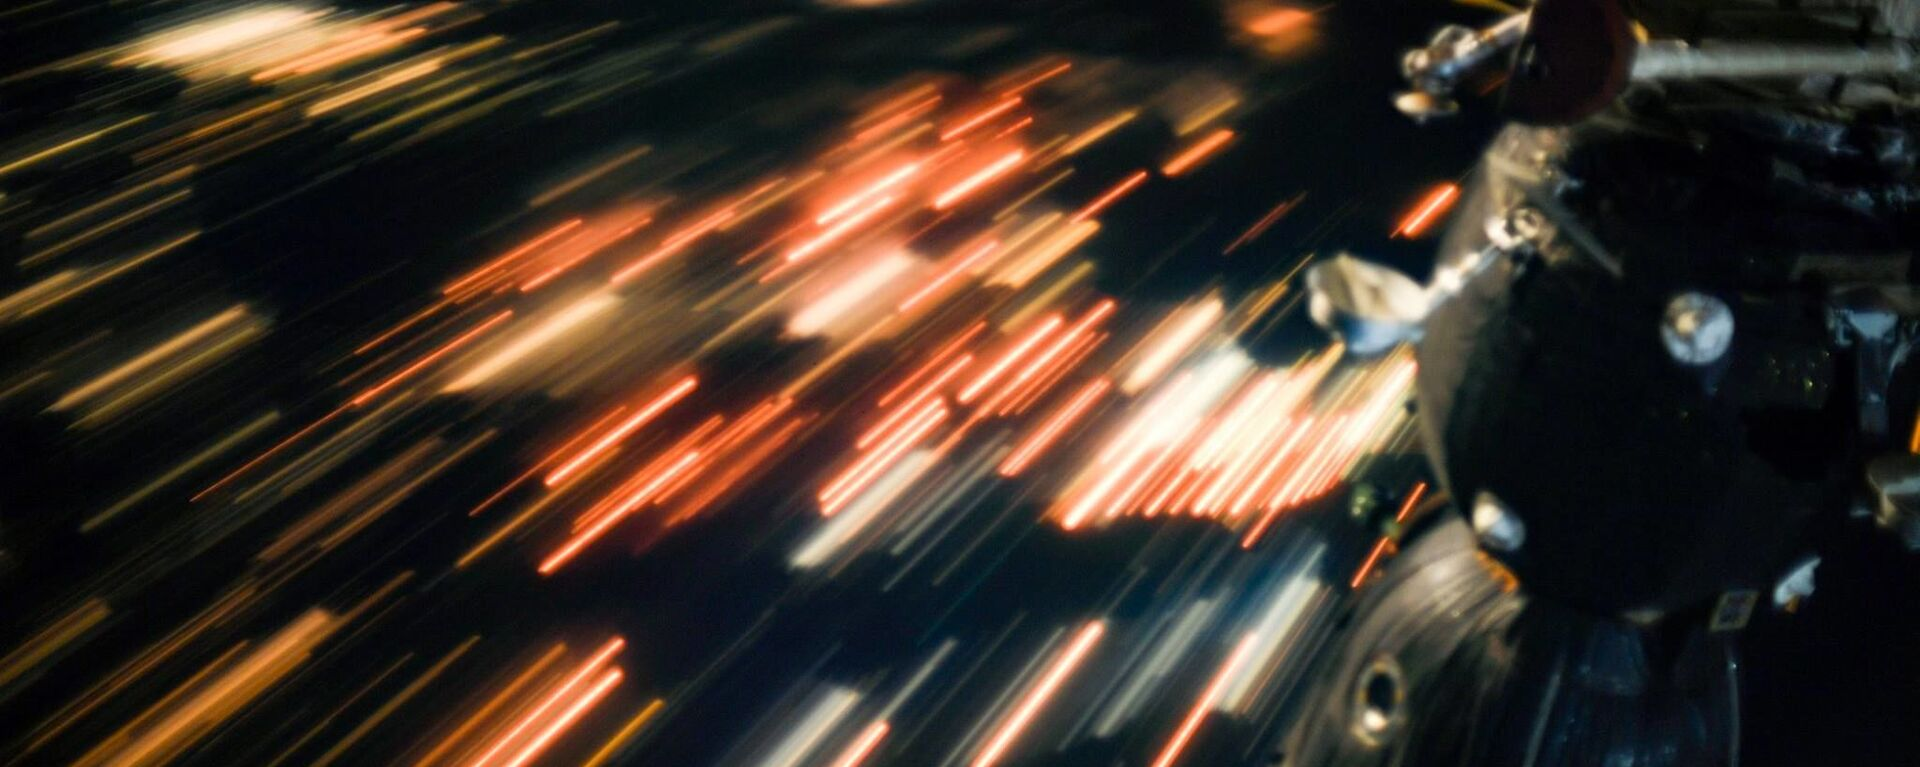 Quanh cảnh Trái đất nhìn từ Trạm Không gian Quốc tế. - Sputnik Việt Nam, 1920, 26.08.2021